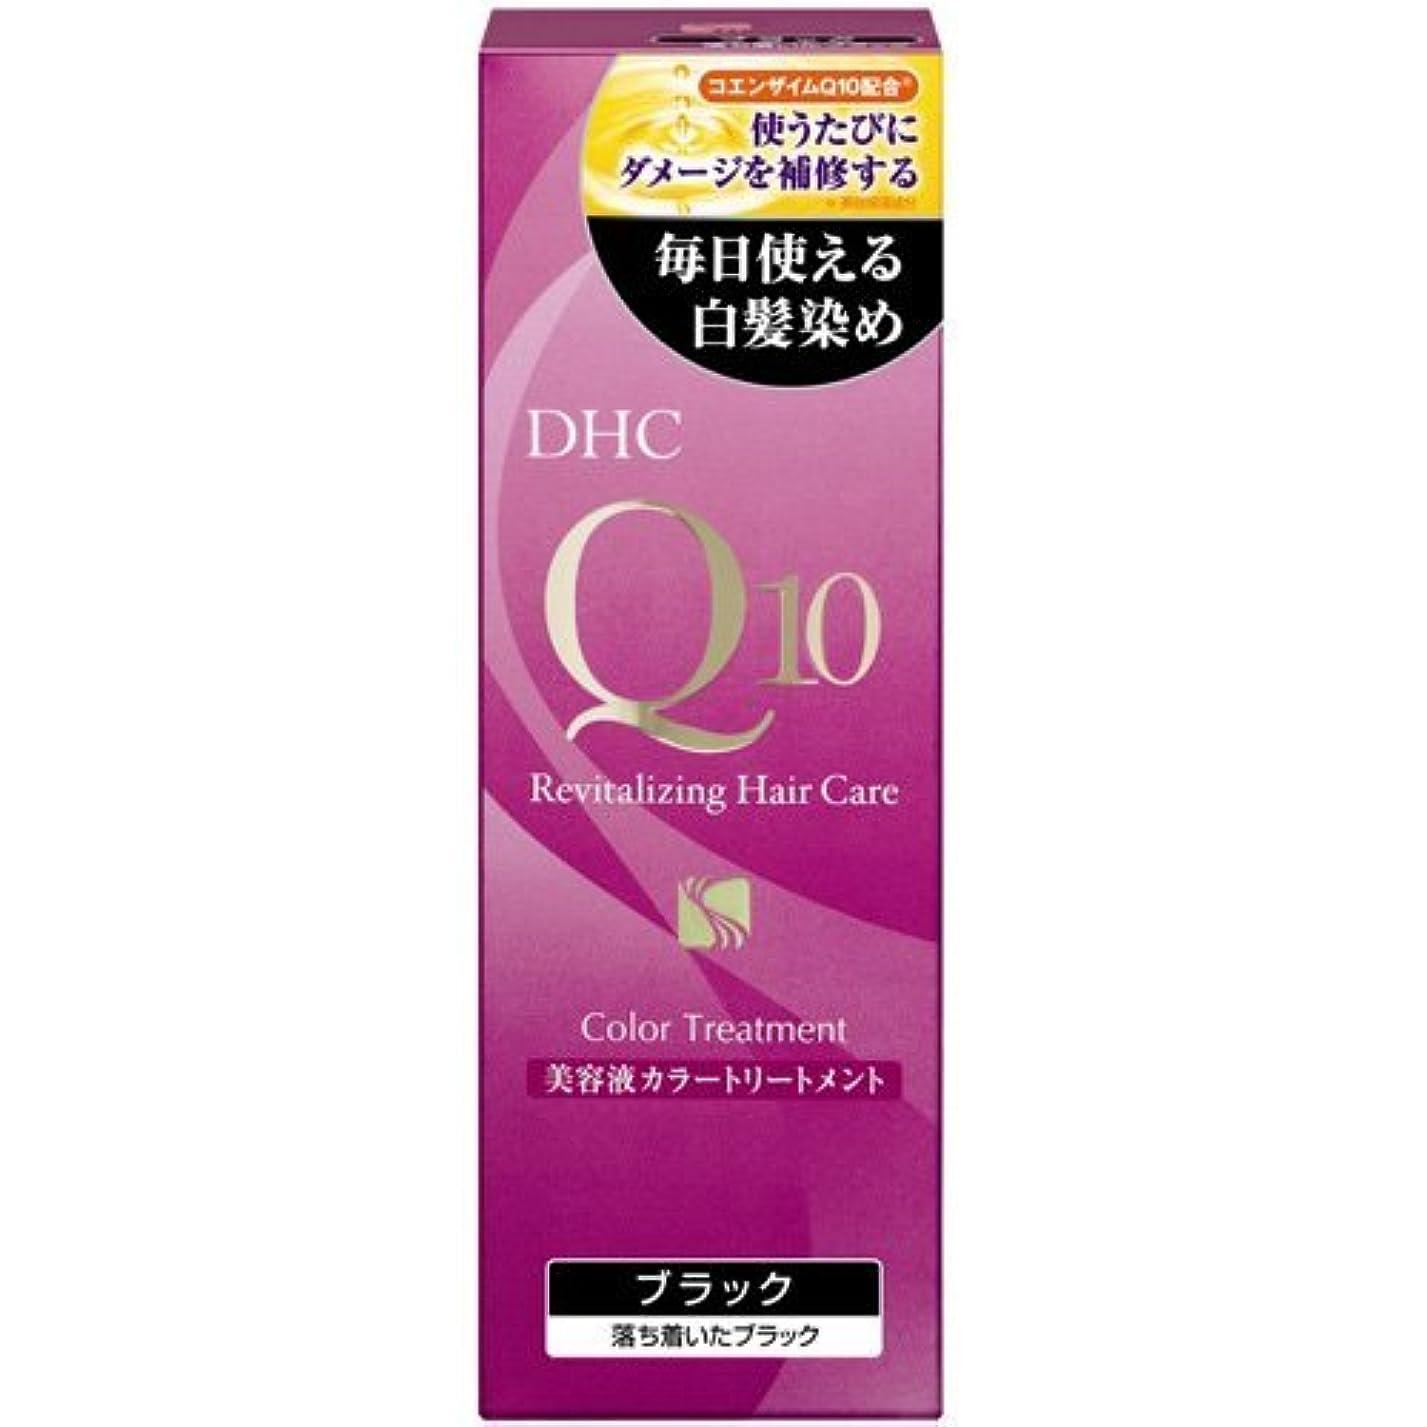 【まとめ買い】DHC Q10美溶液カラートリートメントブラックSS170g ×9個